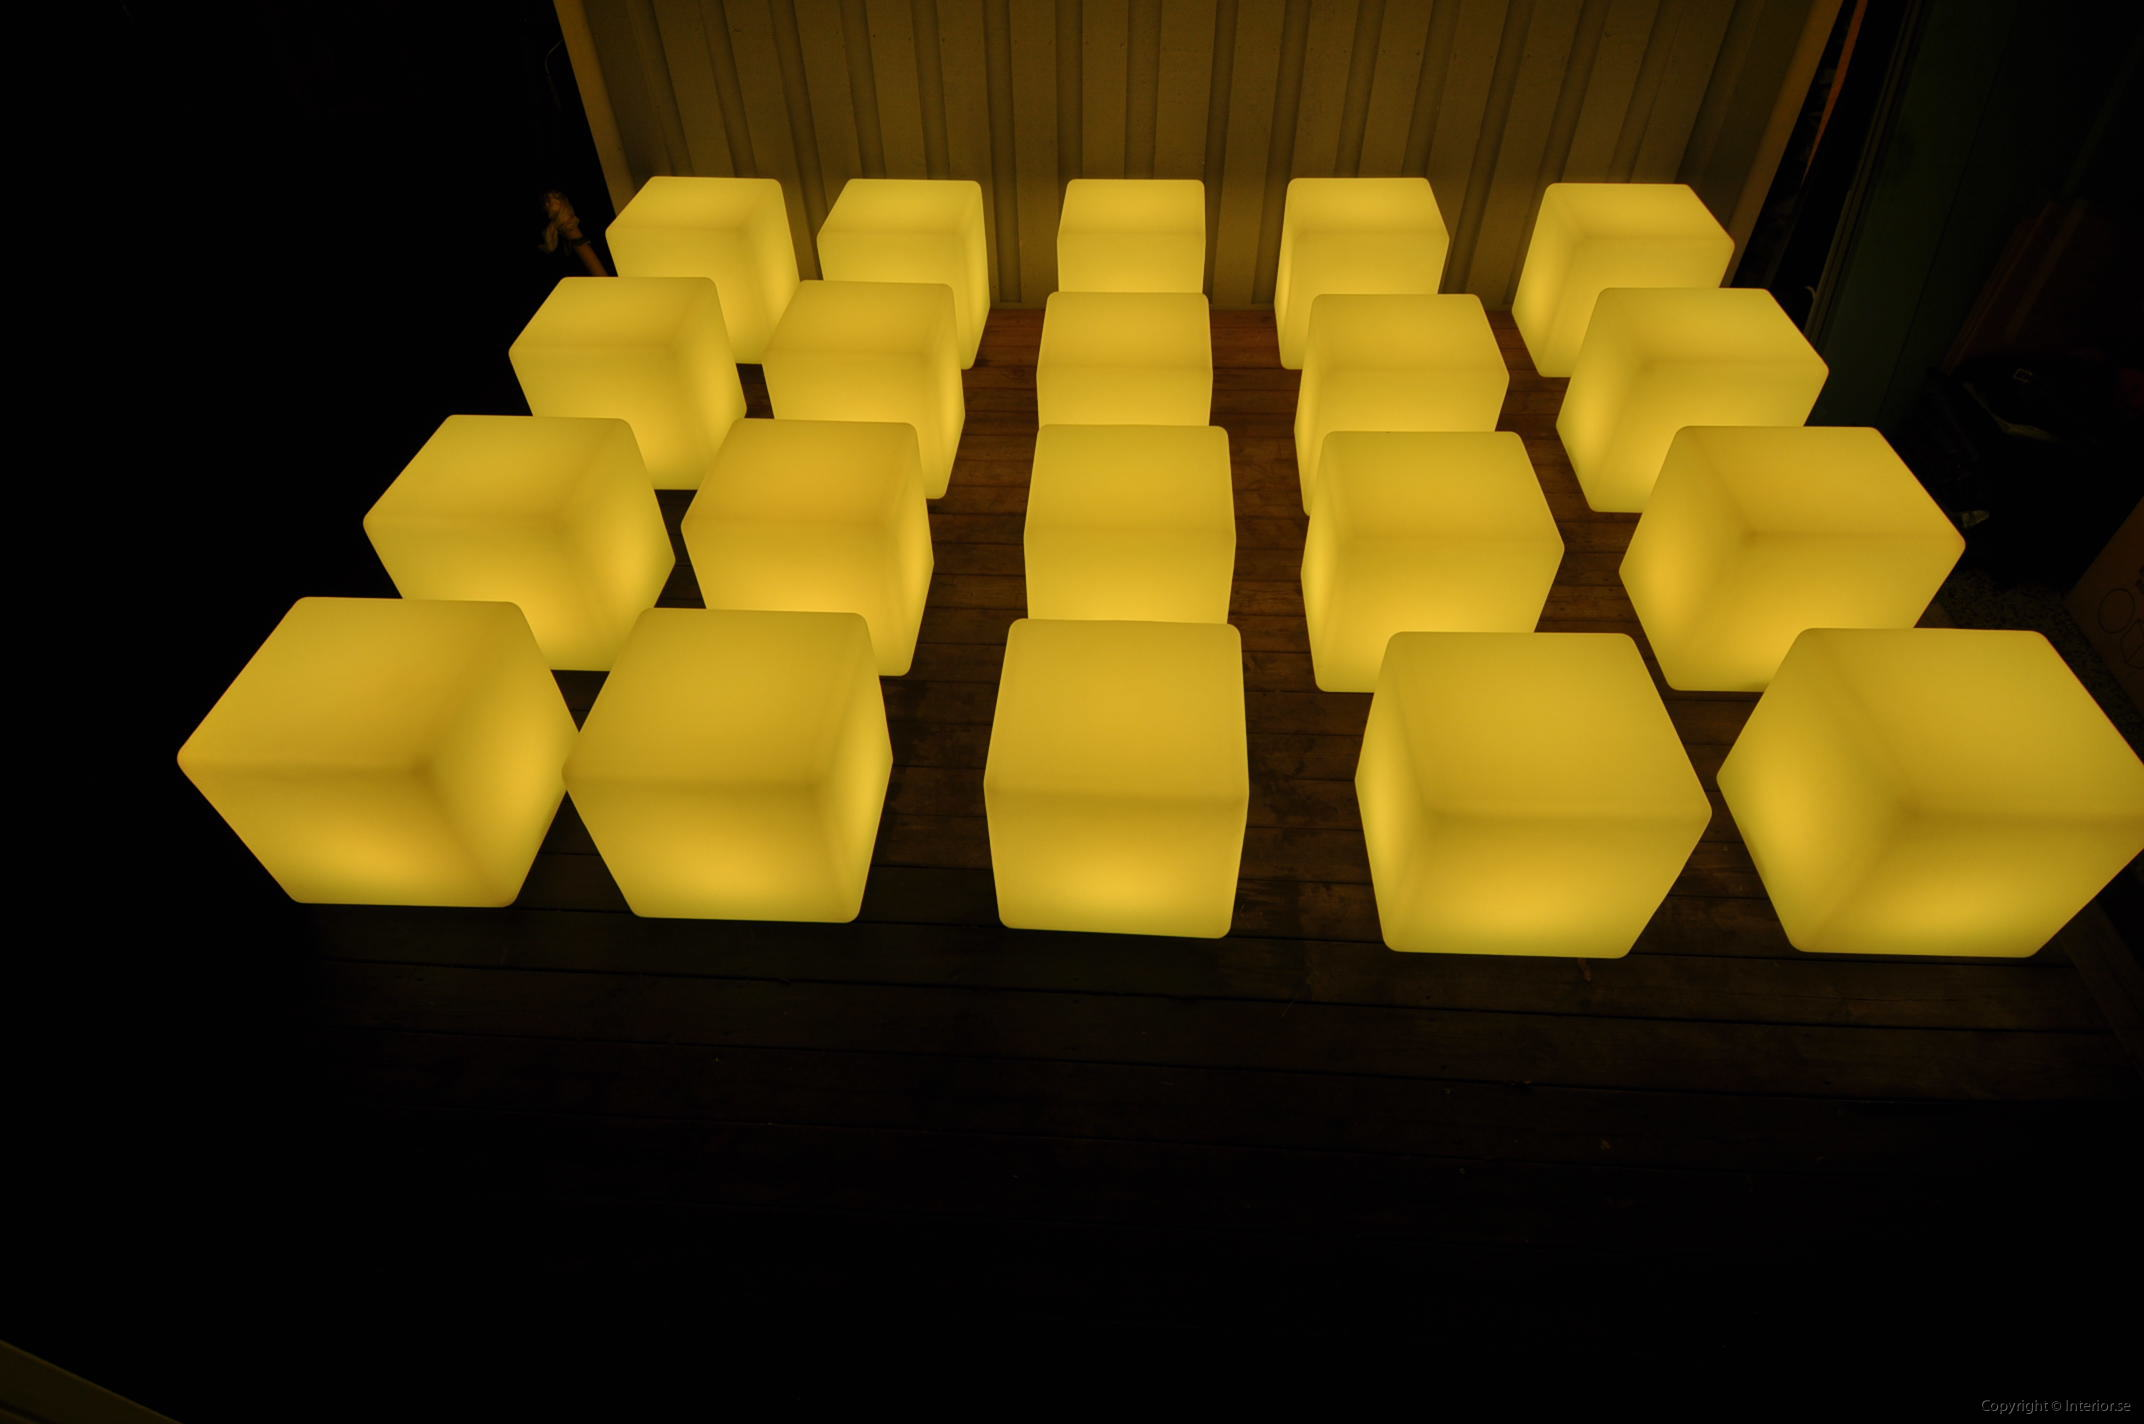 Hyra led möbler ledmöbler stockholm event möbler hyr möbler stockholm event led furniture hire stockholm (13)